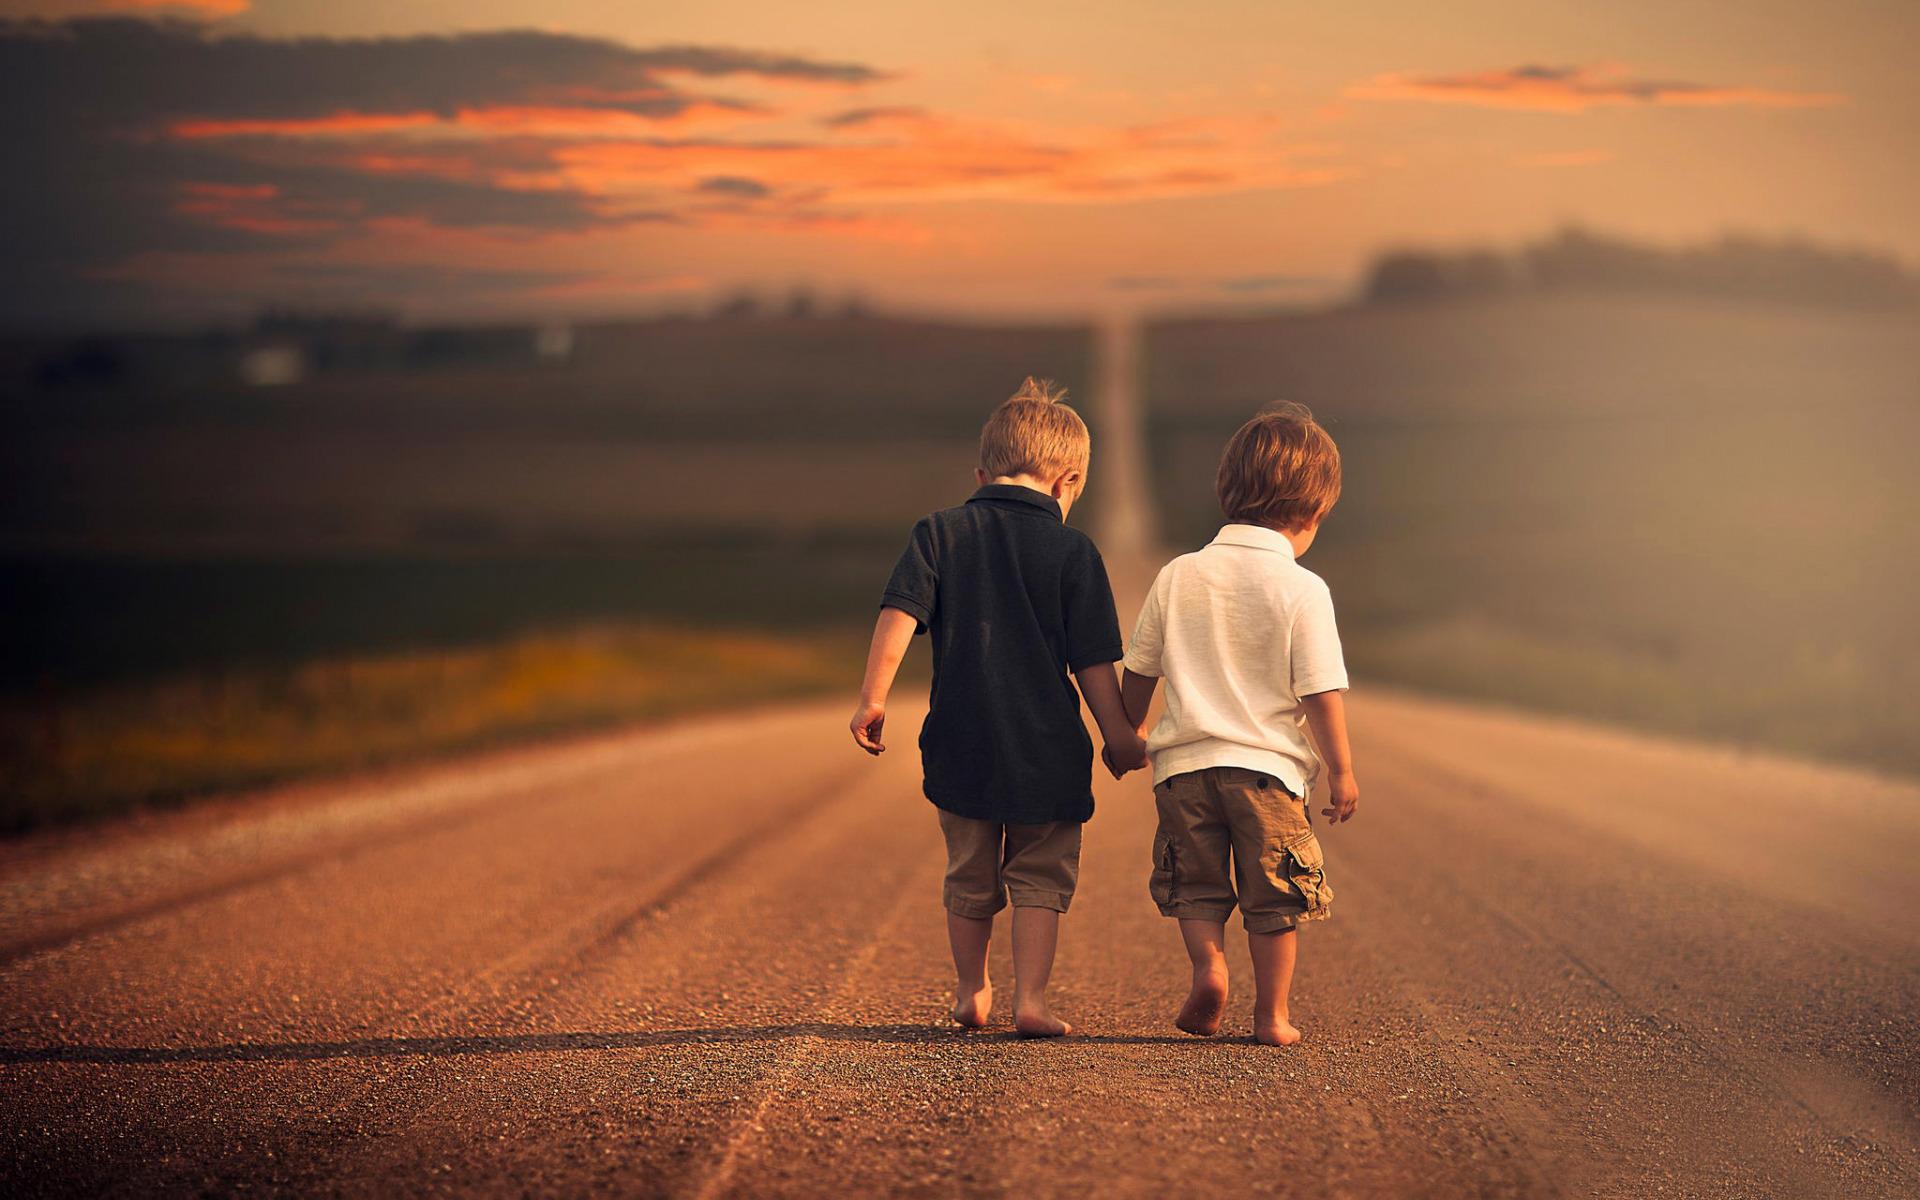 одно самых картинка двое идут по дороге со спины собрали